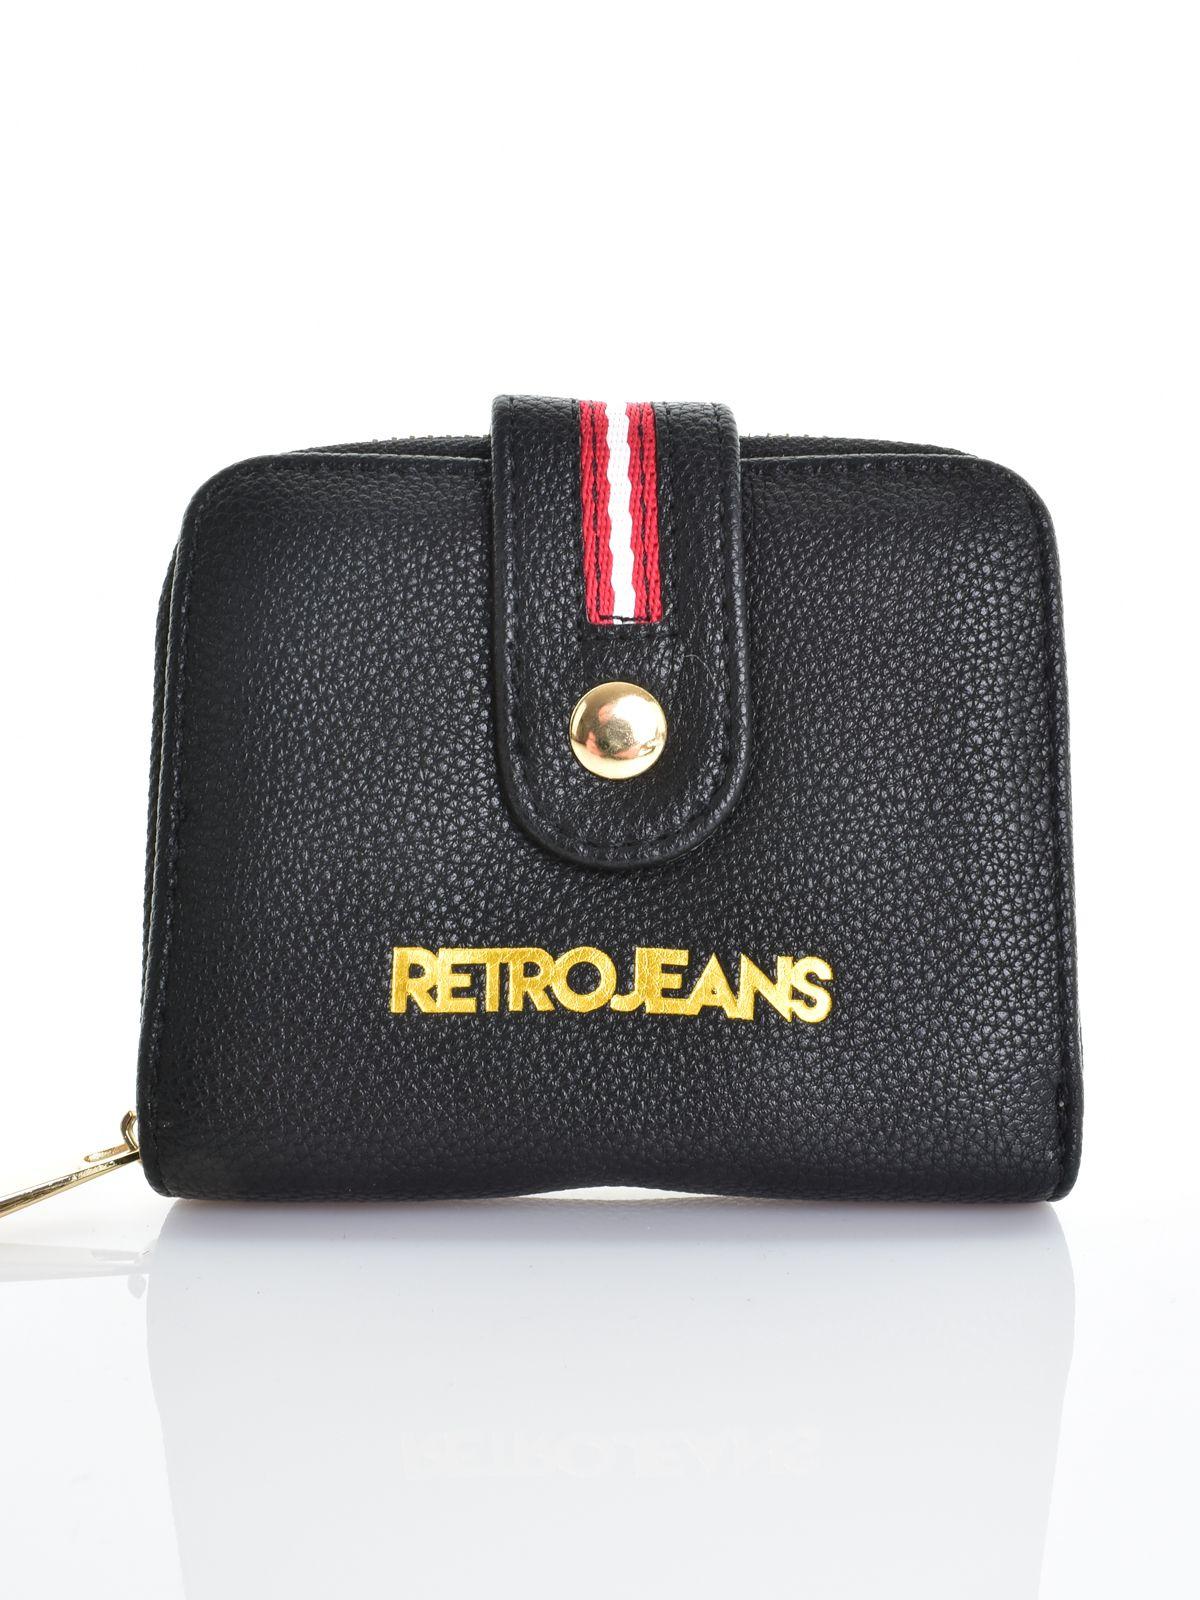 Akciós | Retro Jeans női pénztárca TIARA | Markasbolt.hu